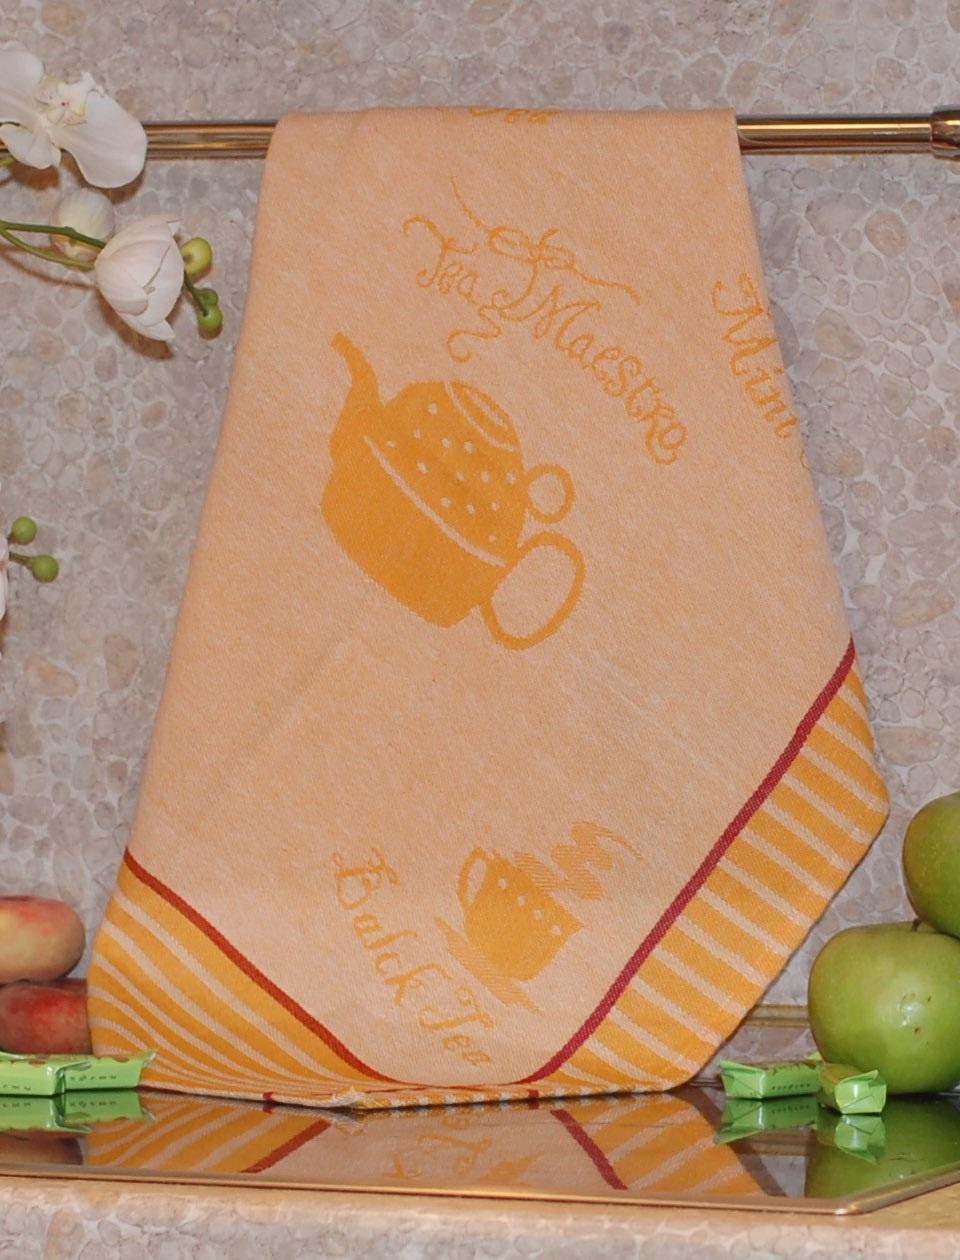 Полотенце жаккардовое ТекСтиль 507061-4 TEA MAESTRO полотенце кухонное текстиль для дома 507061 1 cafе коричневый бежевый красный